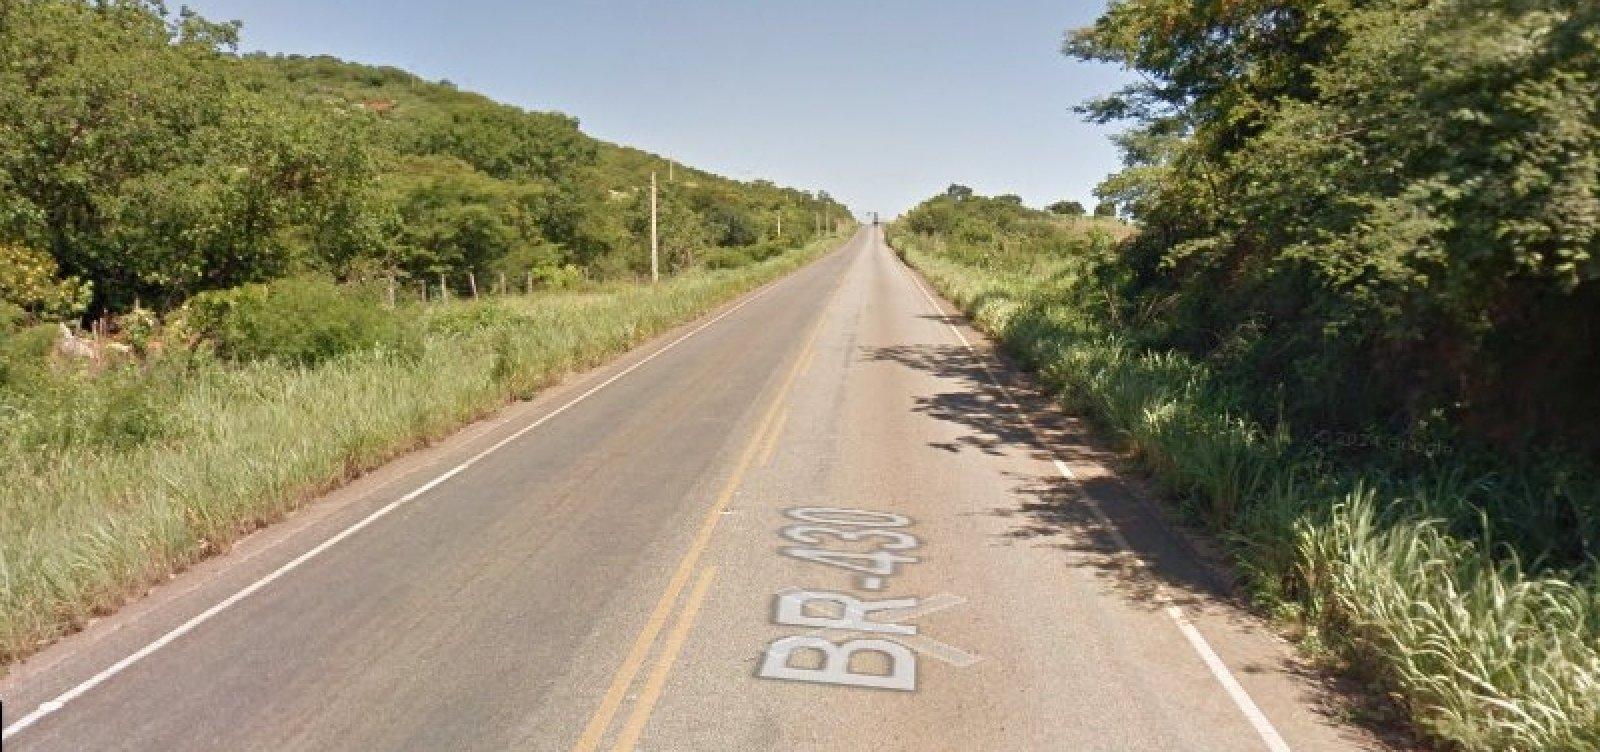 Jovem que voltava do Enem morre e outro fica ferido após colisão com ônibus na Bahia